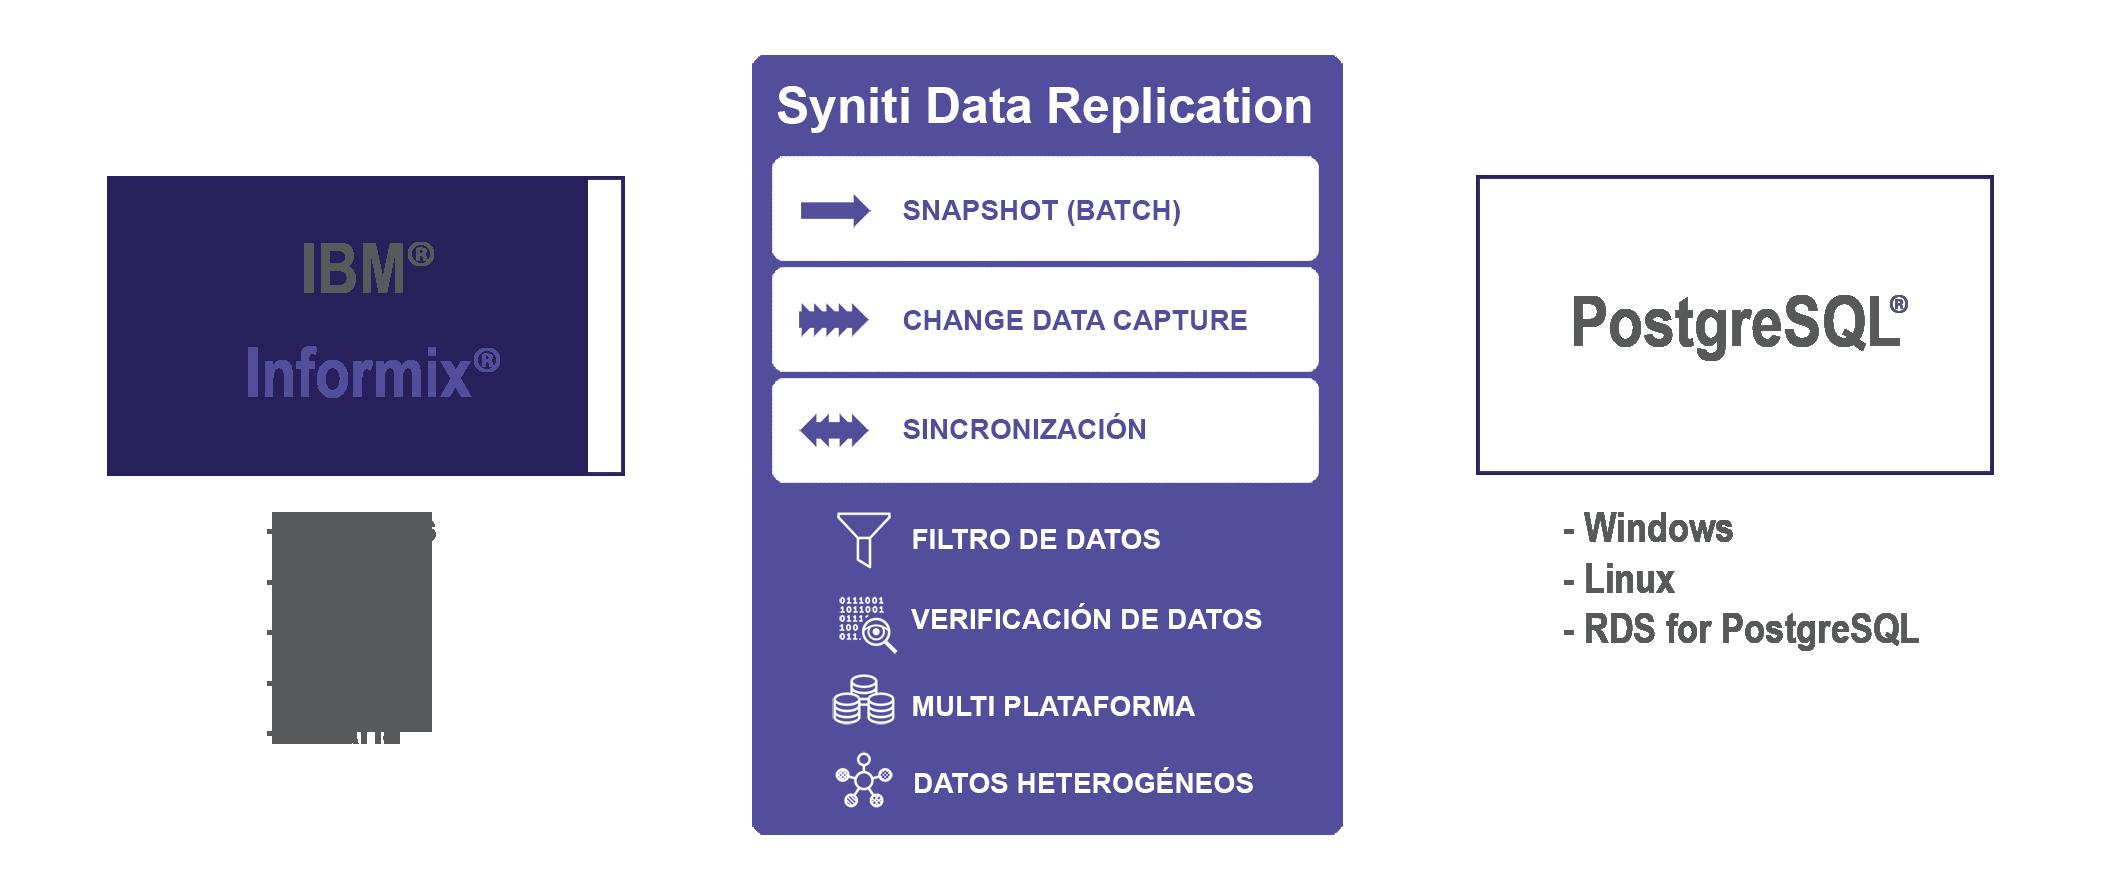 Replicacion de datos Informix a PostgreSQL